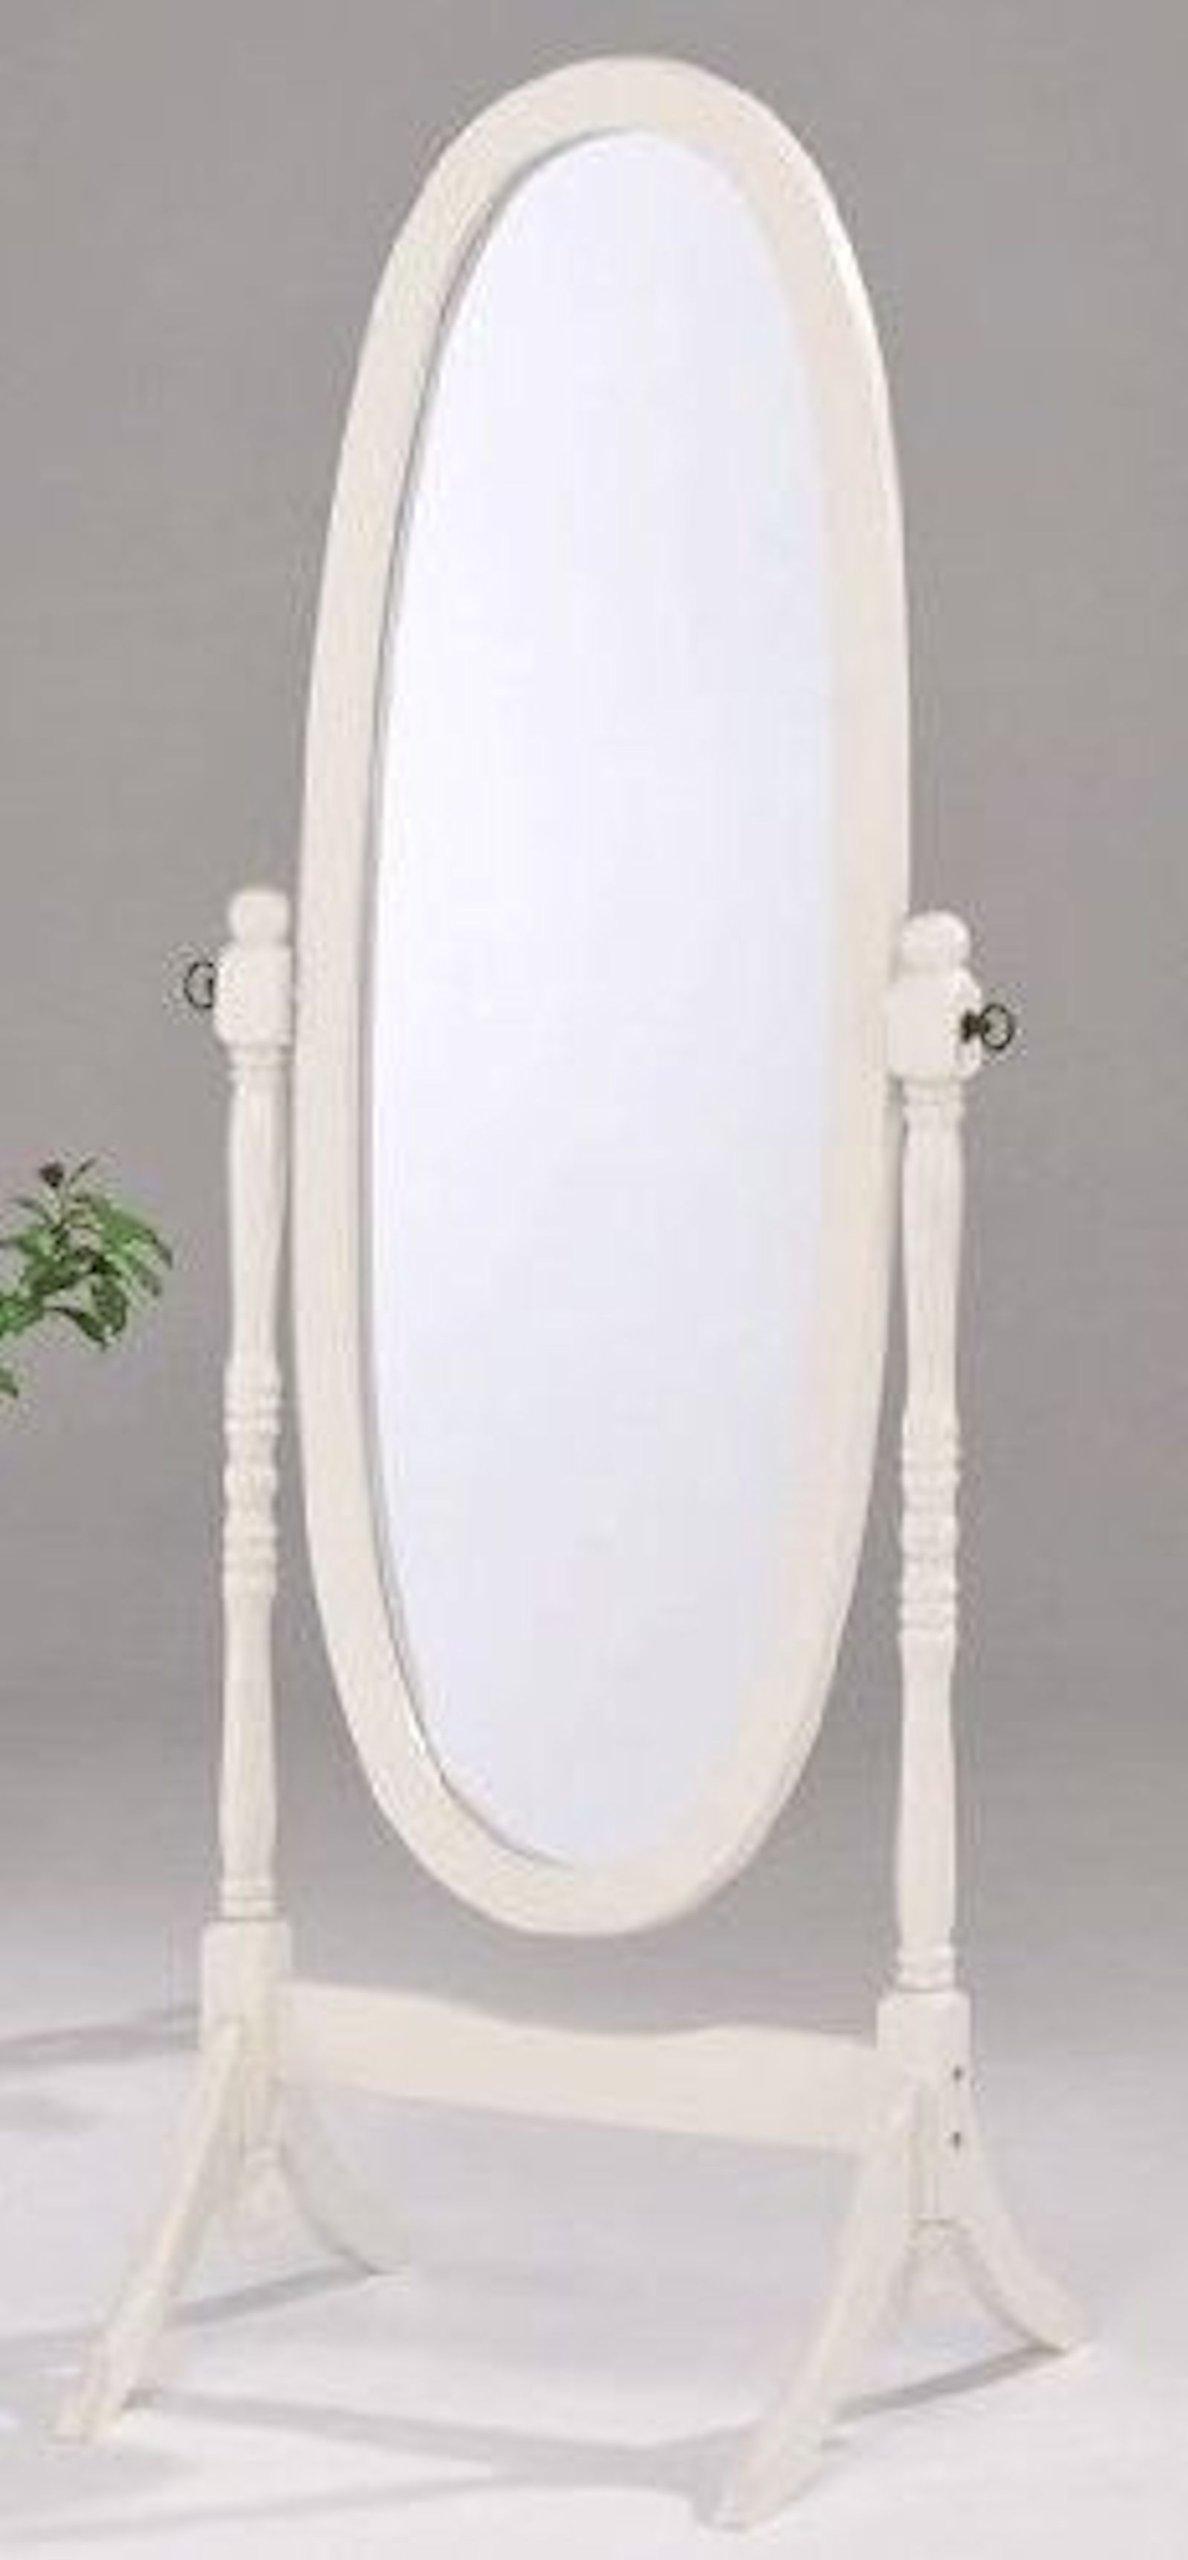 Legacy Decor Swivel Full Length Wood Cheval Floor Mirror, White New